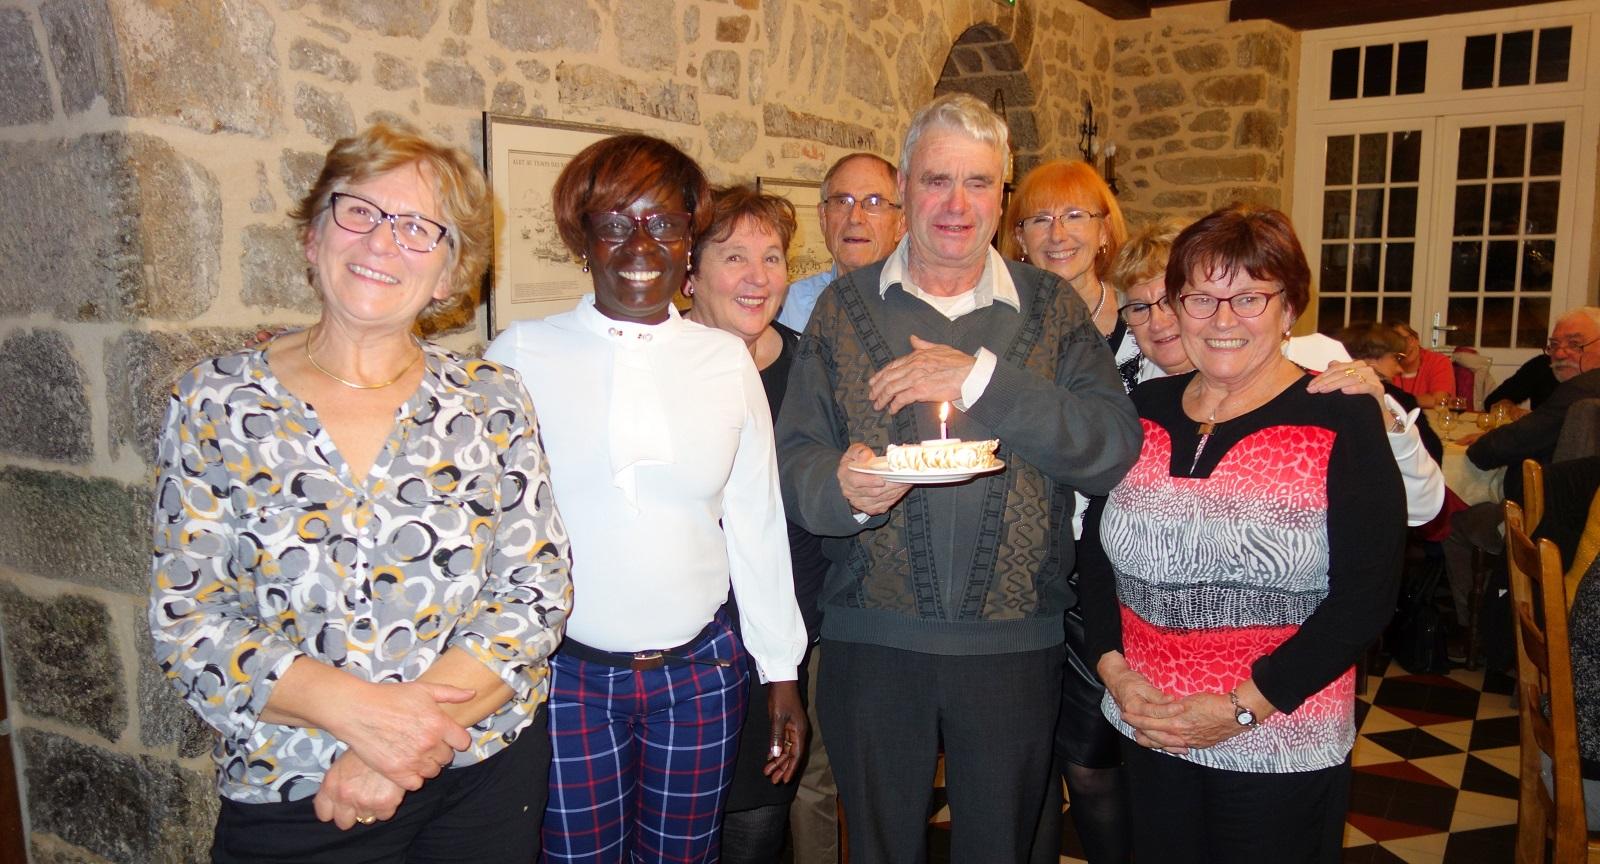 Les arpètes Bretons fêtent la Saint Eloi 52